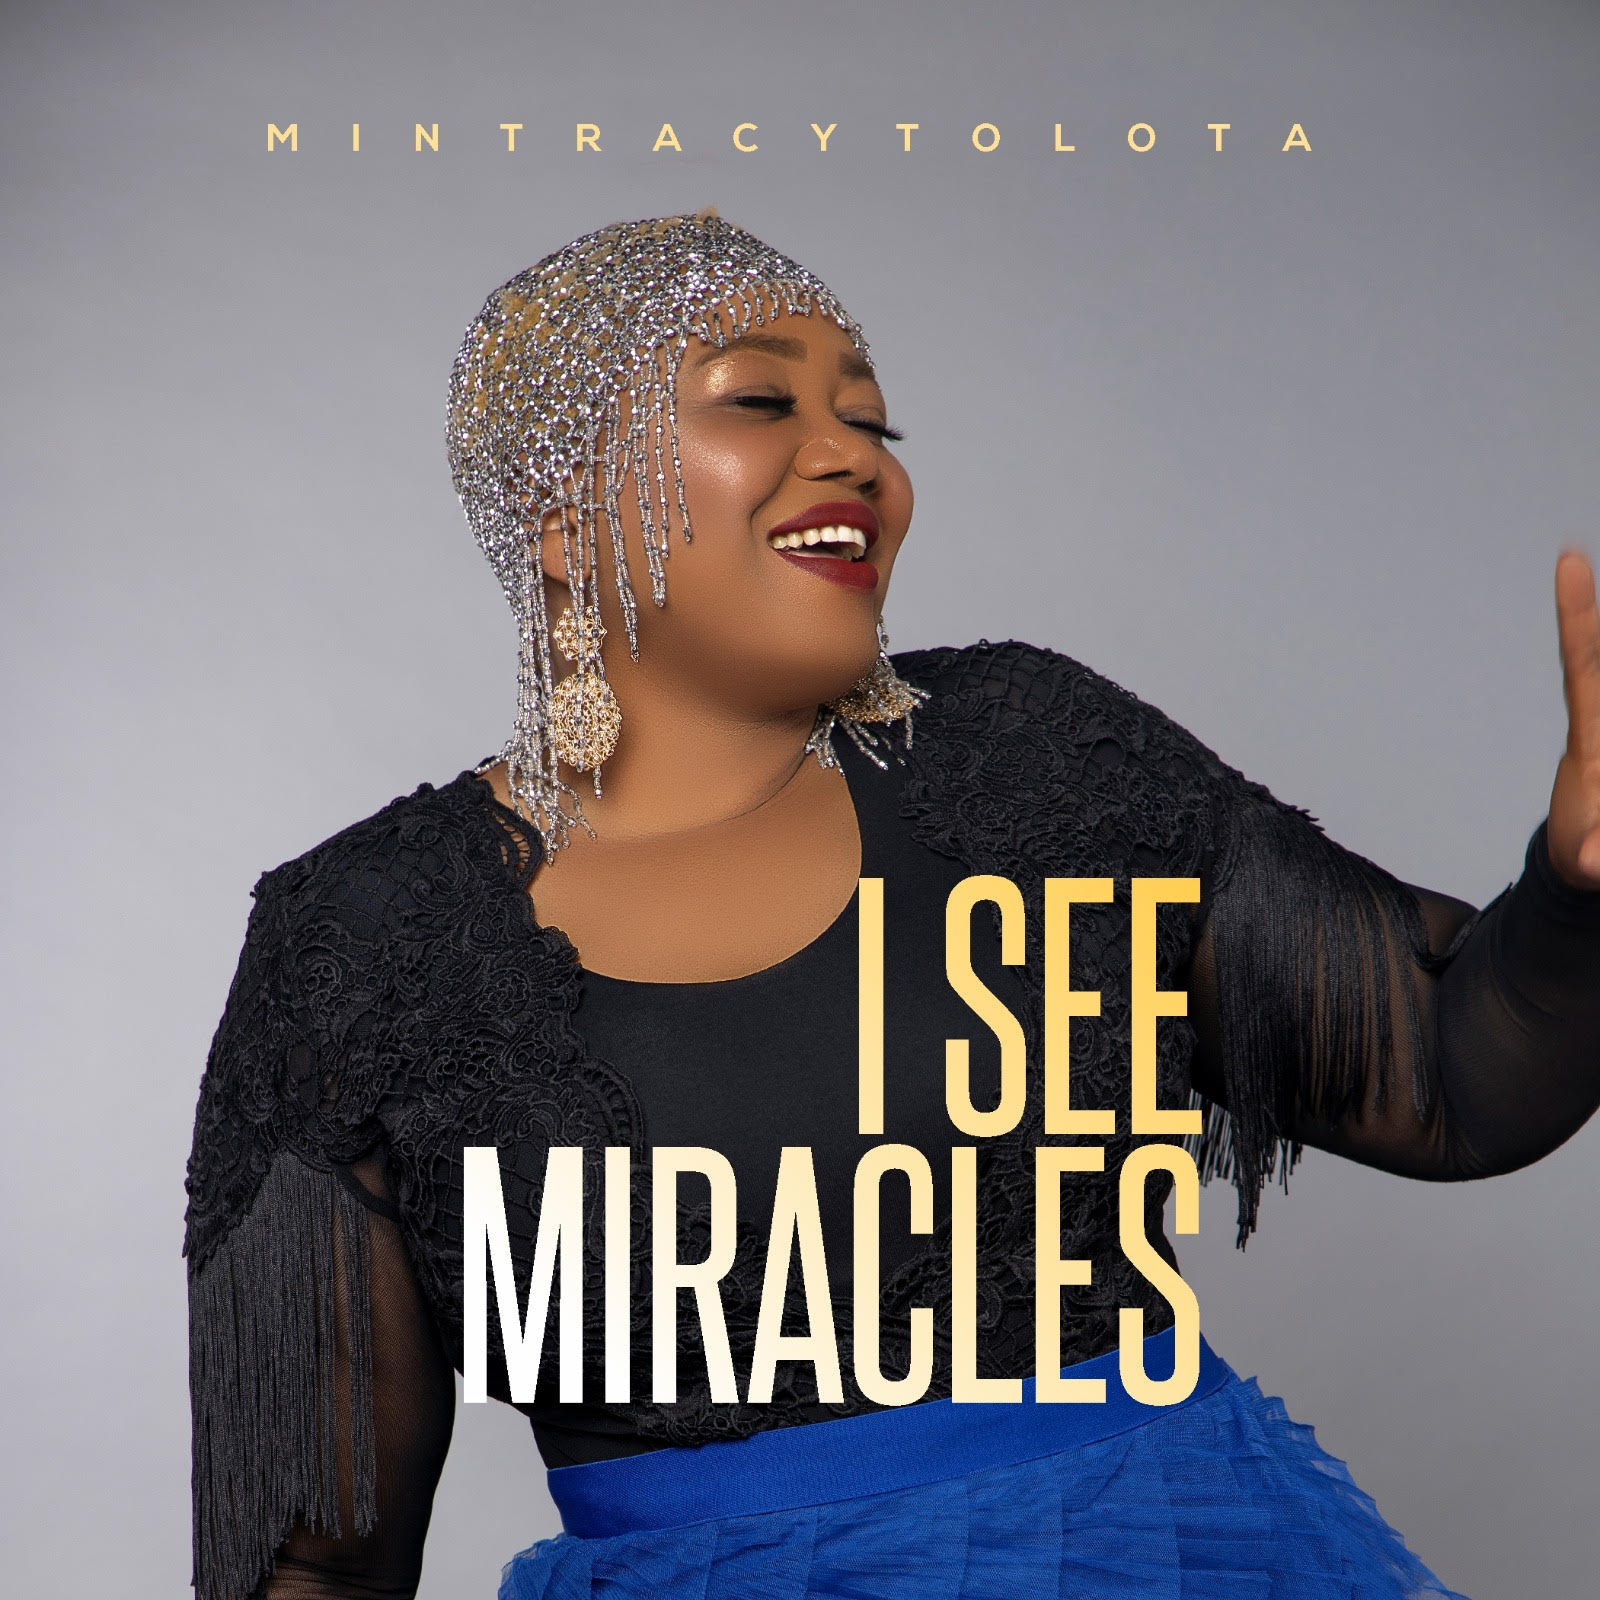 [AUDIO + VIDEO] Min Tracy Tolota - I See Miracles [Prod. By Sunny Pee]